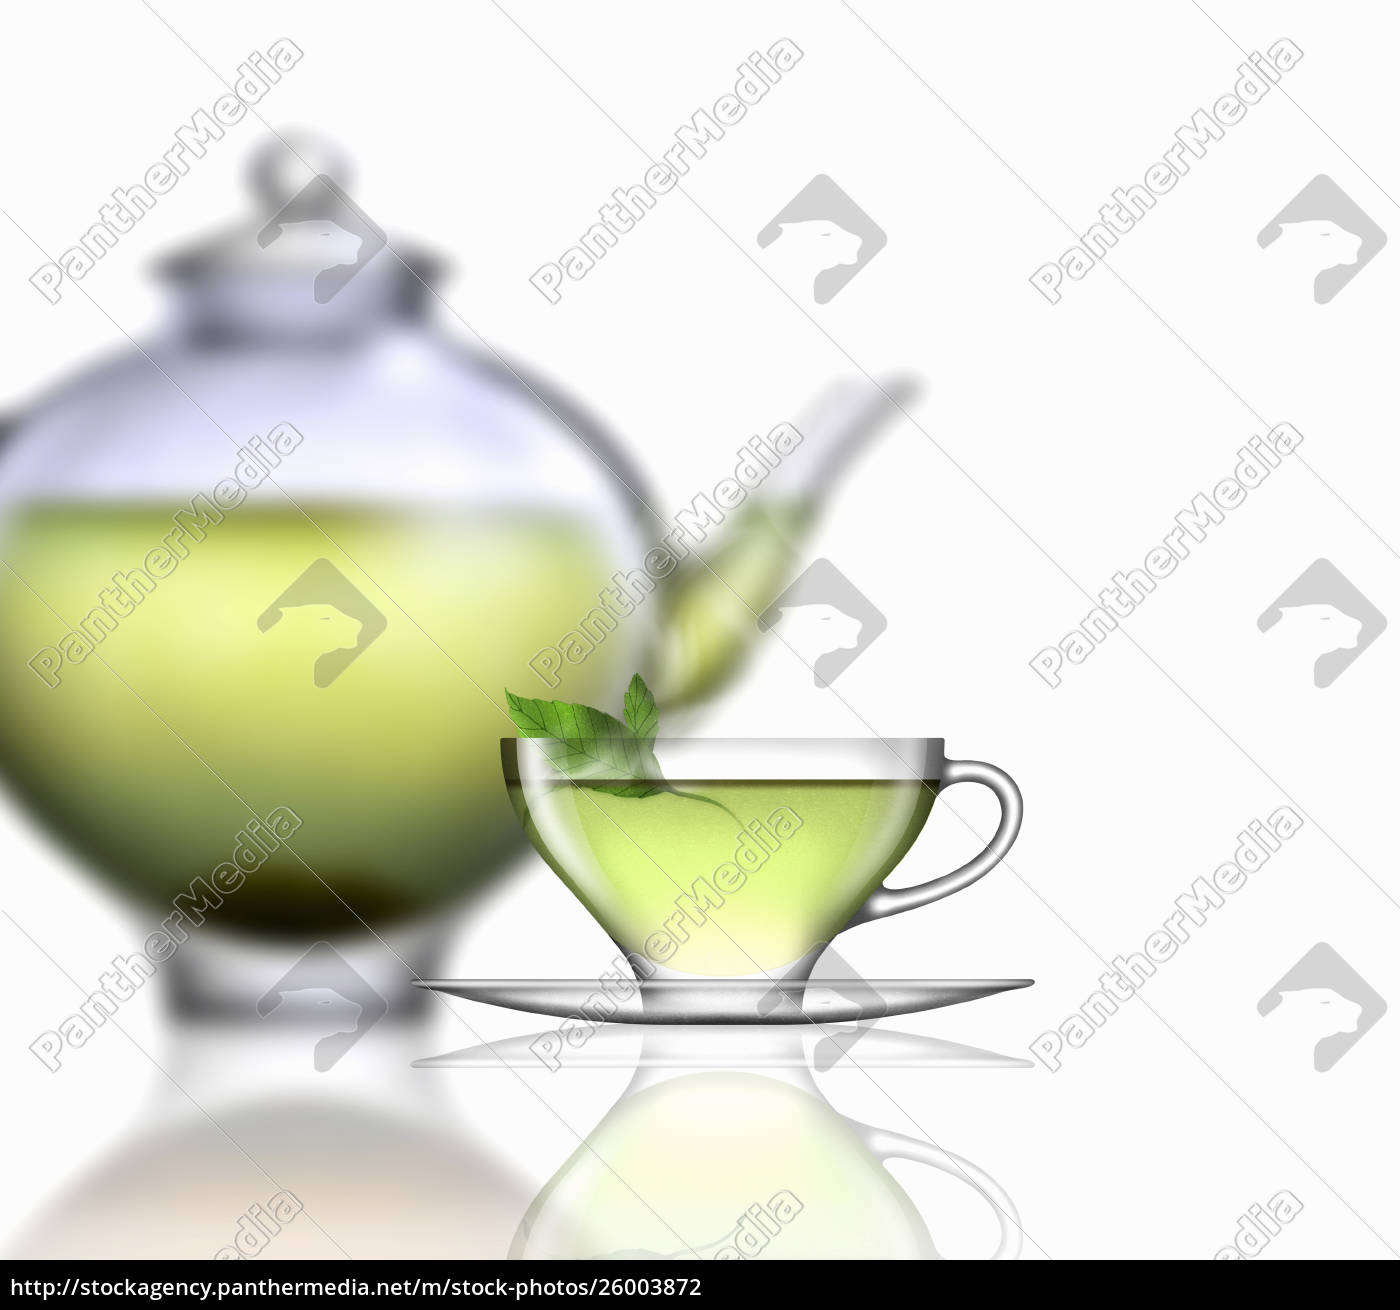 mint, tea, , glass, teacup, , saucer, and - 26003872